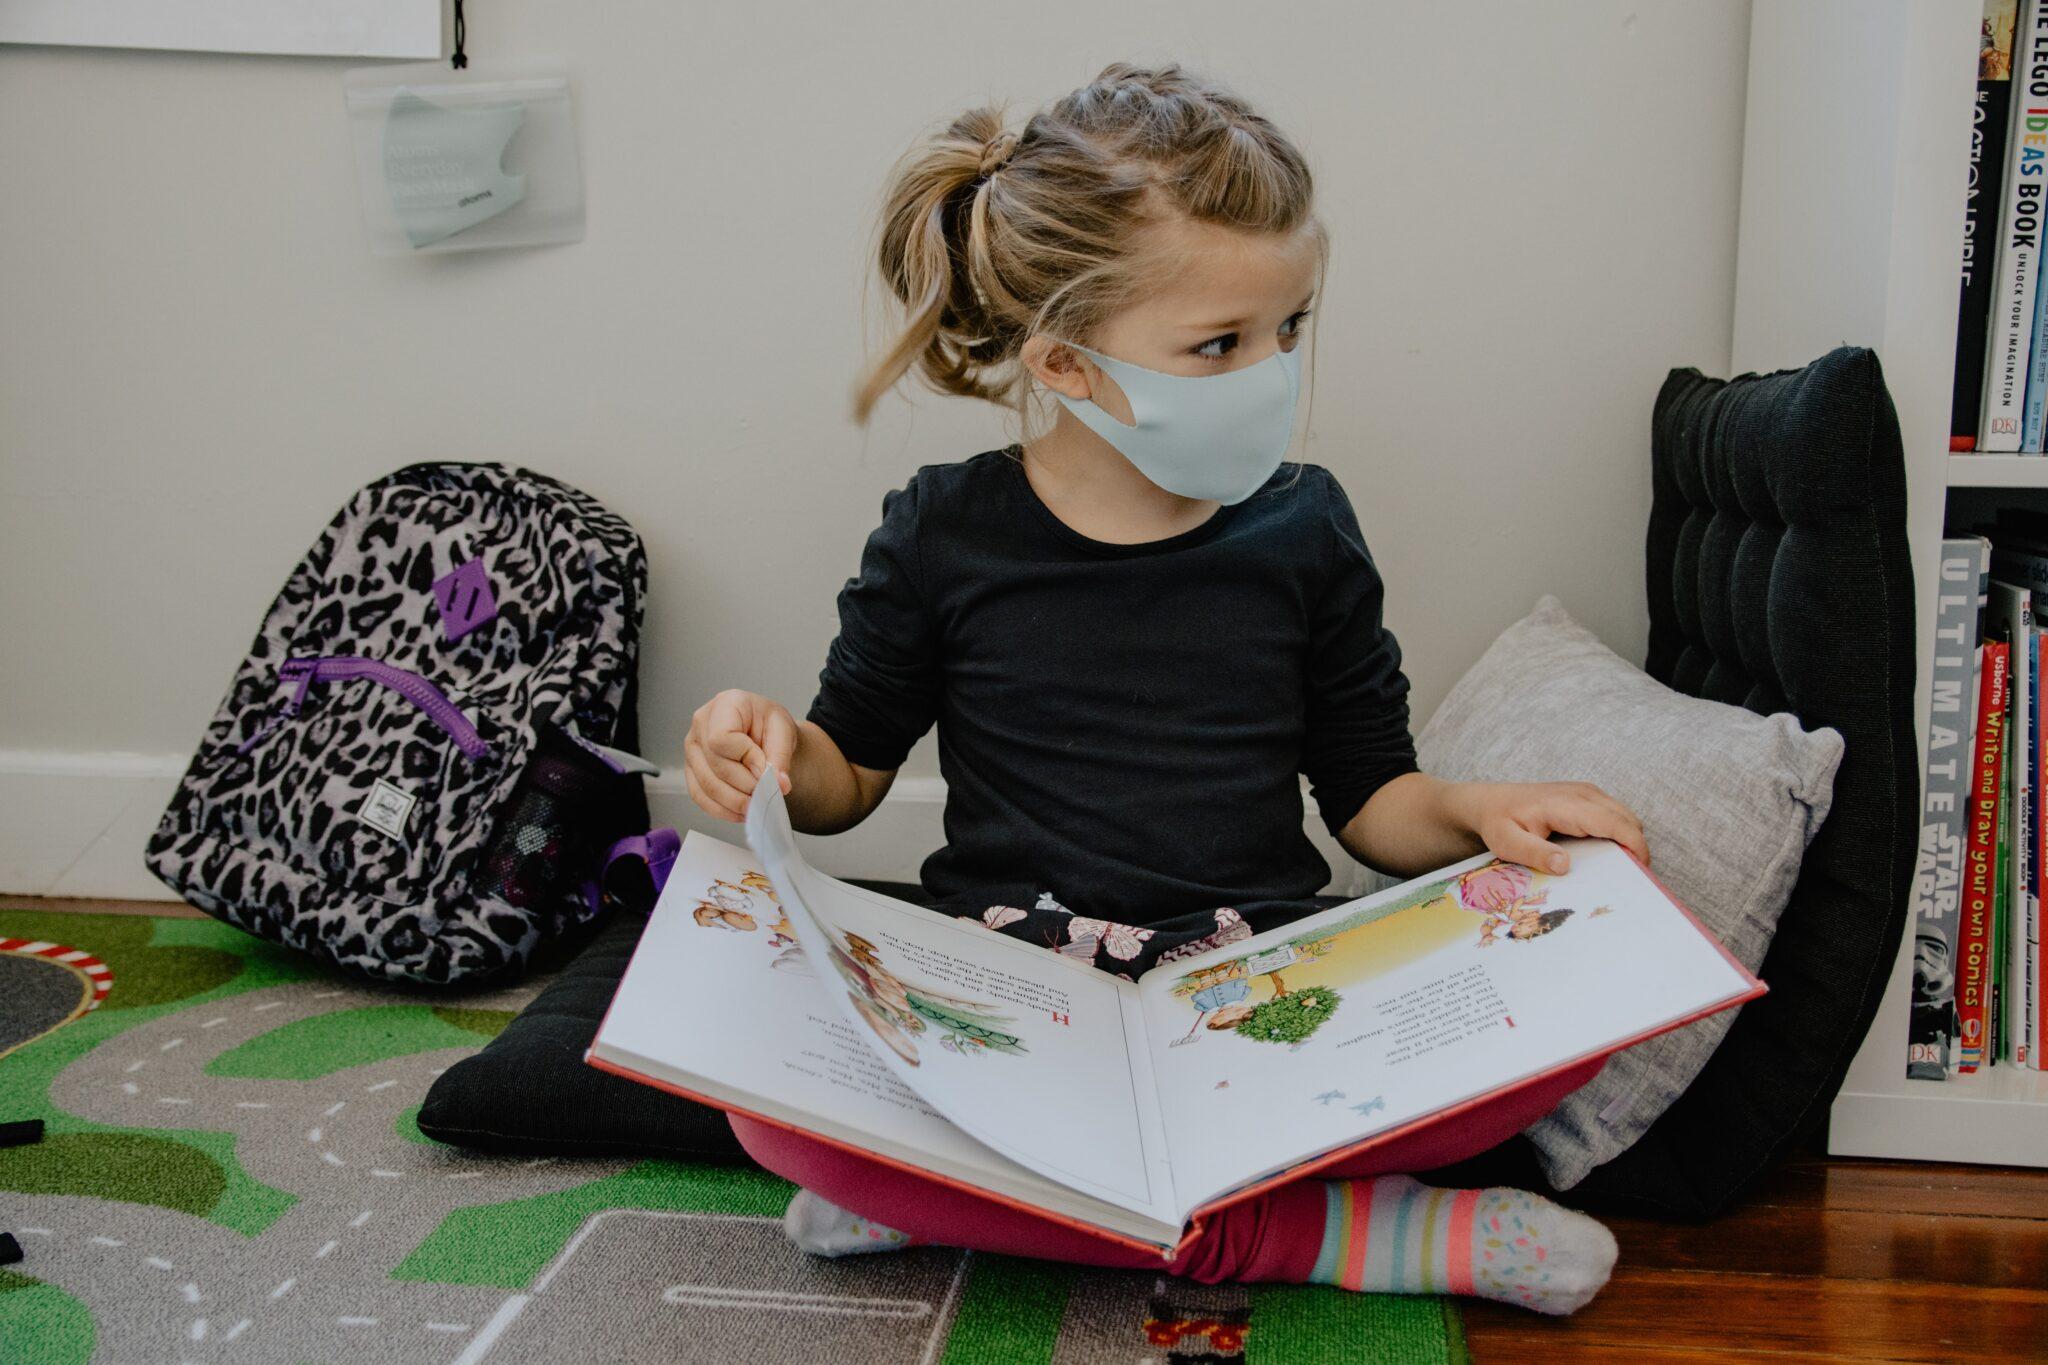 Ein Mädchen im Grundschulalter sitzt mit Mundnasenschutzmaske auf dem Boden und schaut sich ein grosses Buch an